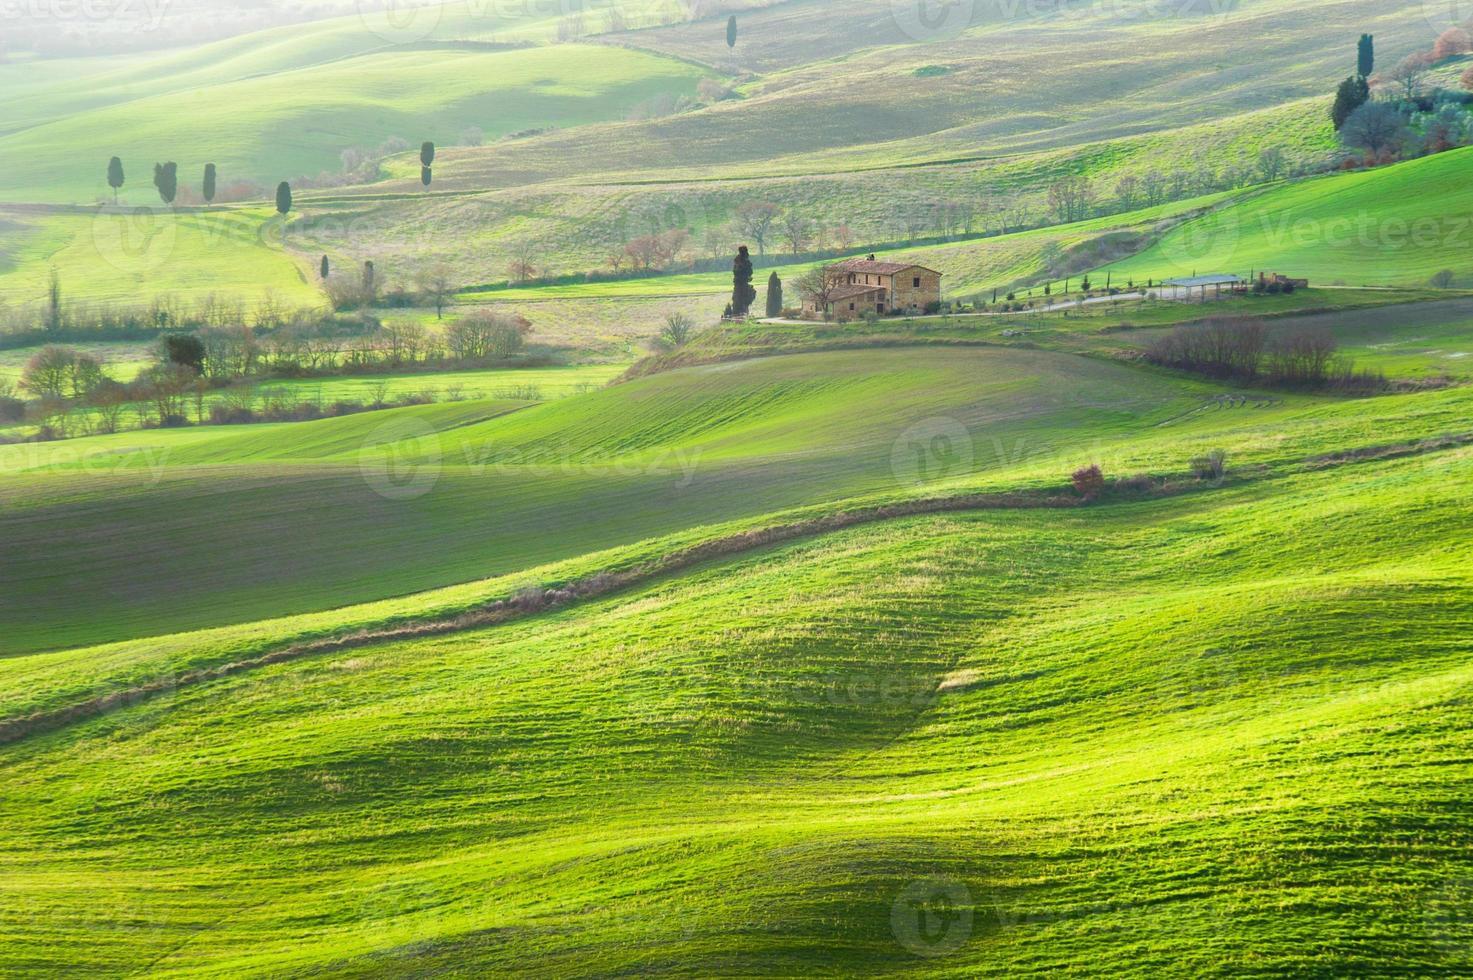 atmosfär grön vår i ett landskap i Toscana, Italien foto